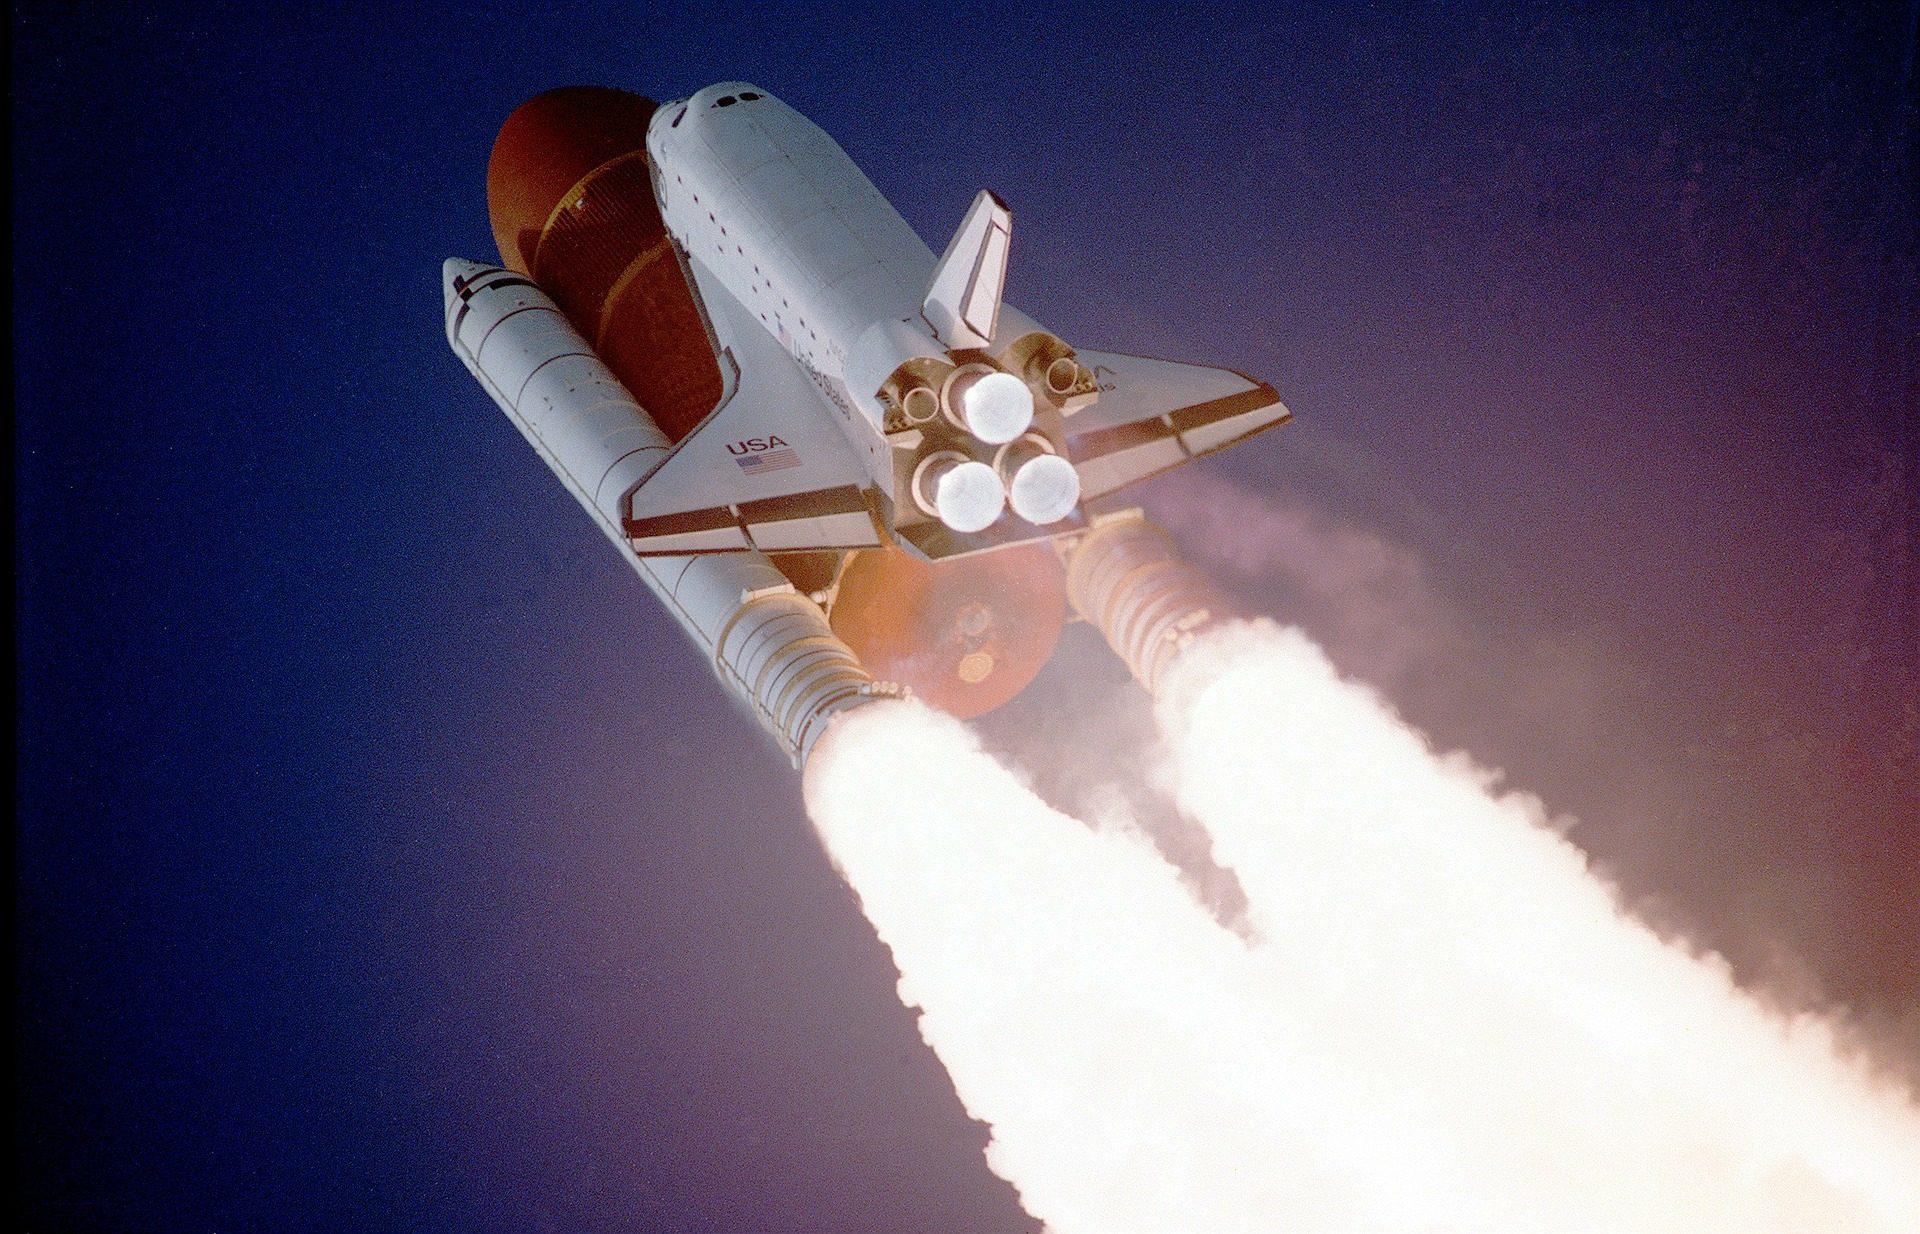 Φέρι, χώρο, NASA, πλοίο, DT - Wallpapers HD - Professor-falken.com